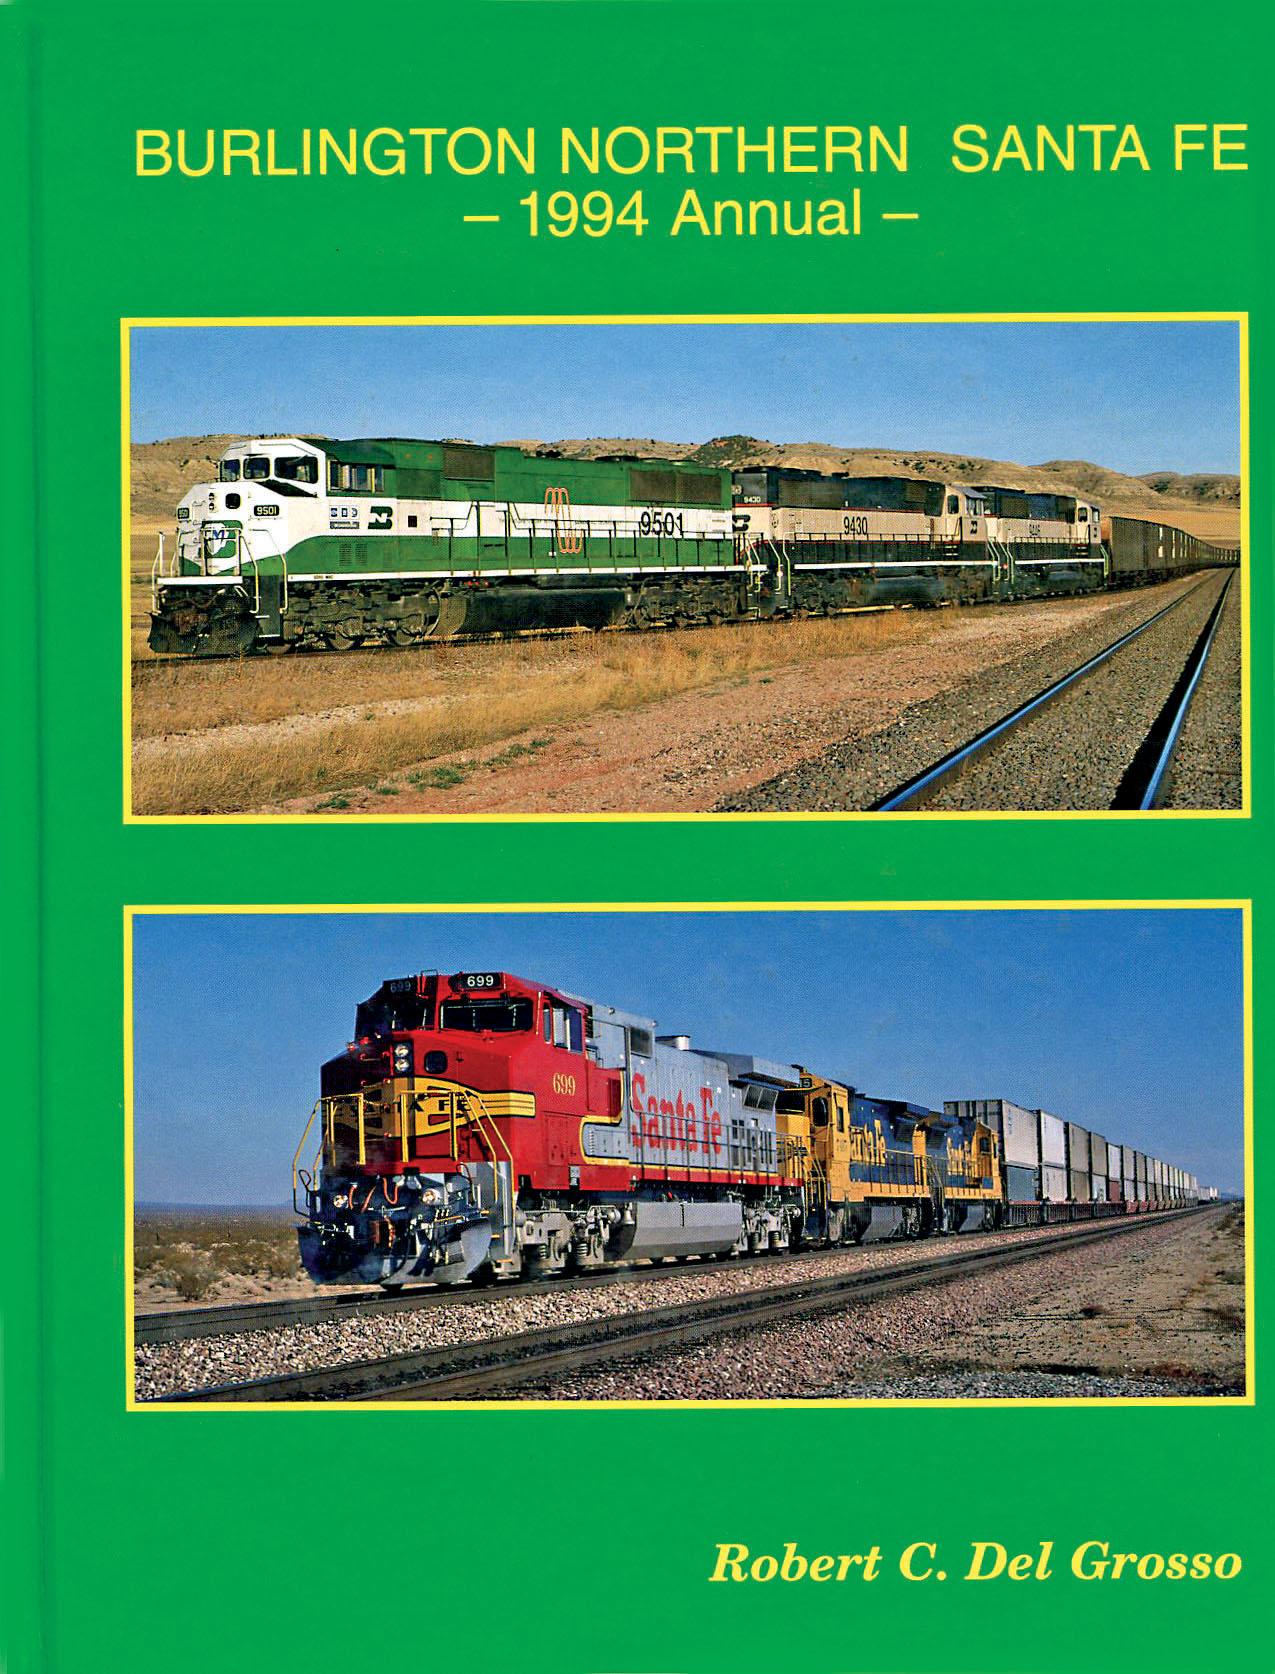 BNSF 1994 Motive Power Annual